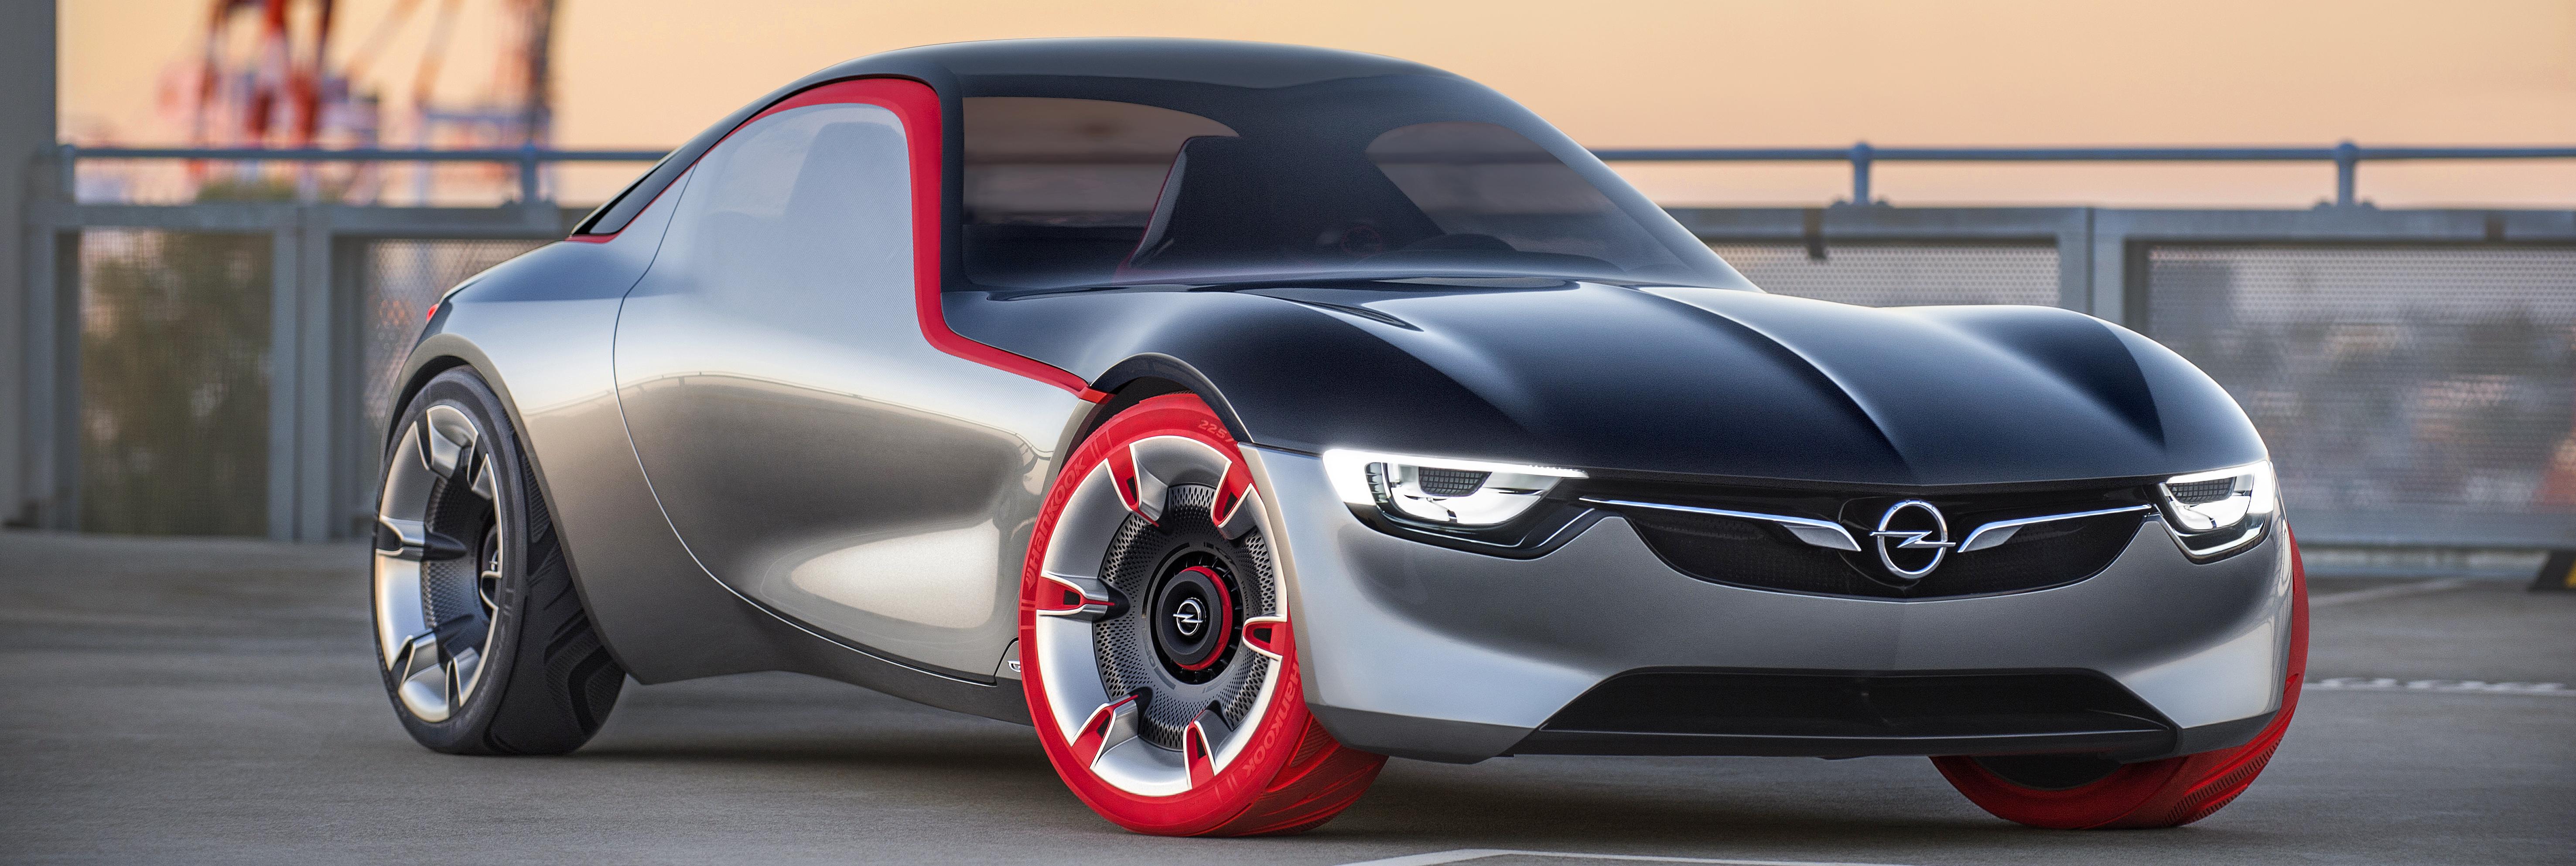 Opel GT Concept – nowe spojrzenie na projektowanie sportowych aut!